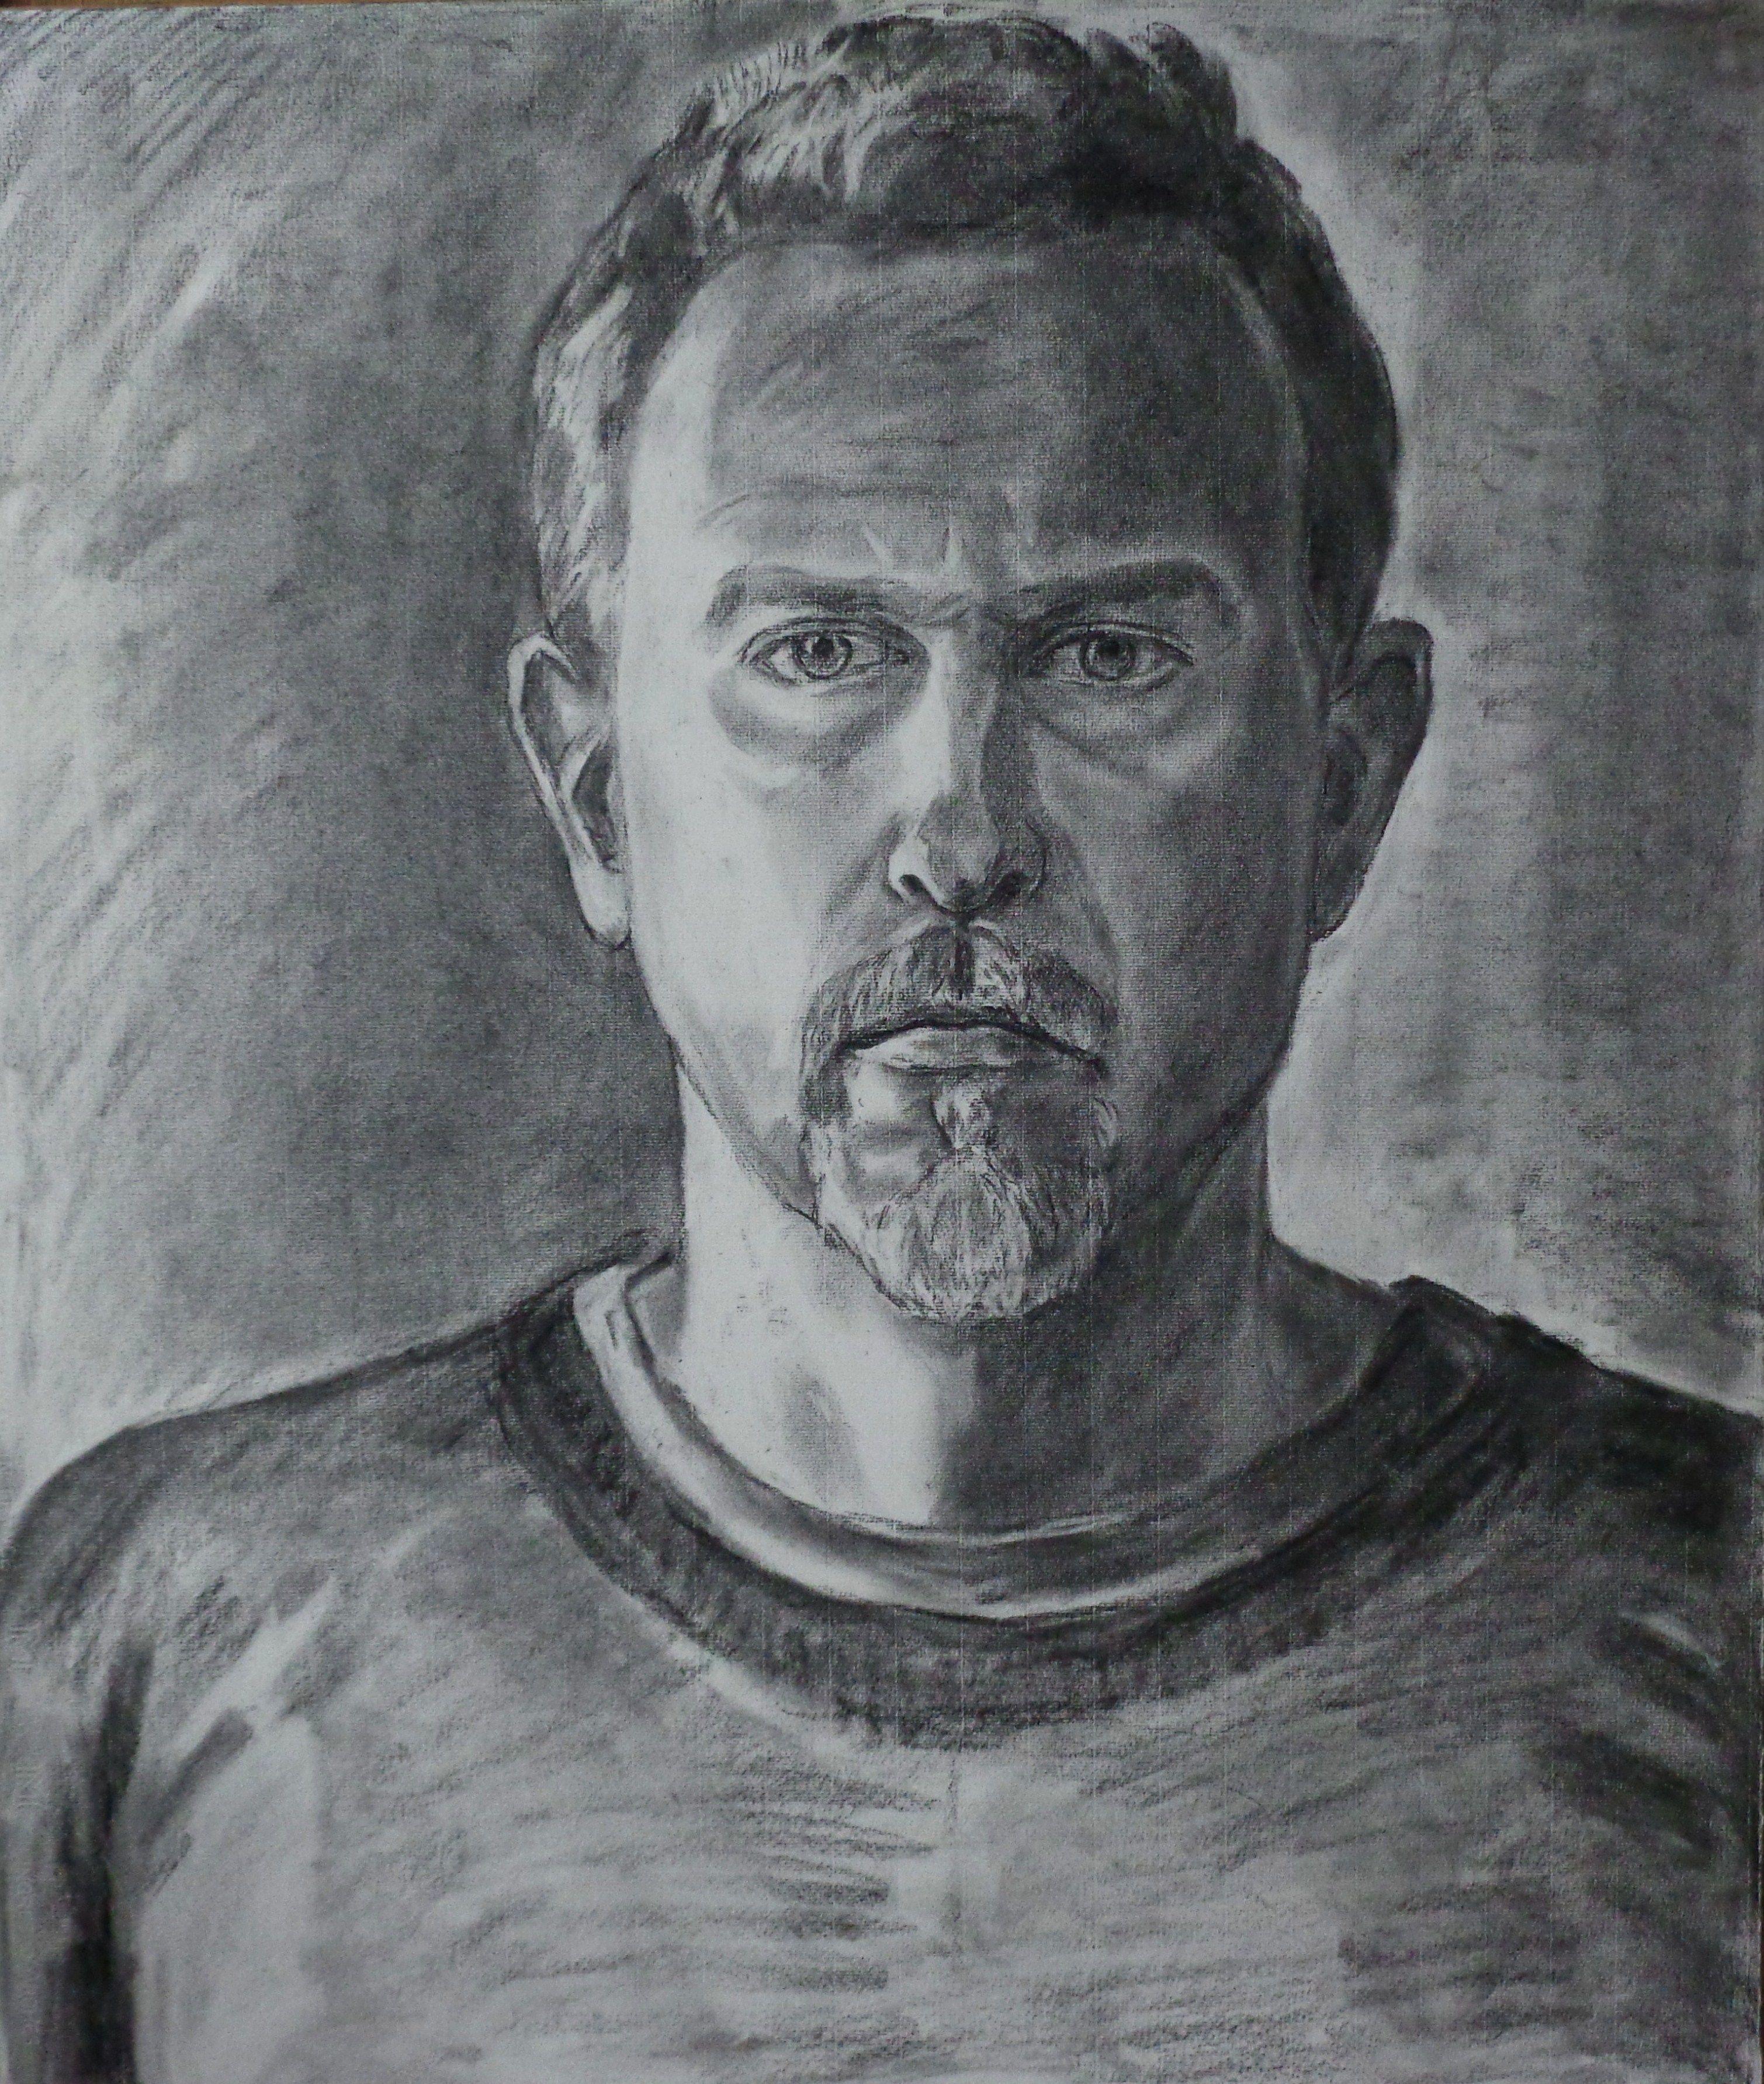 Charcoal drawing of a man by oscar estevez